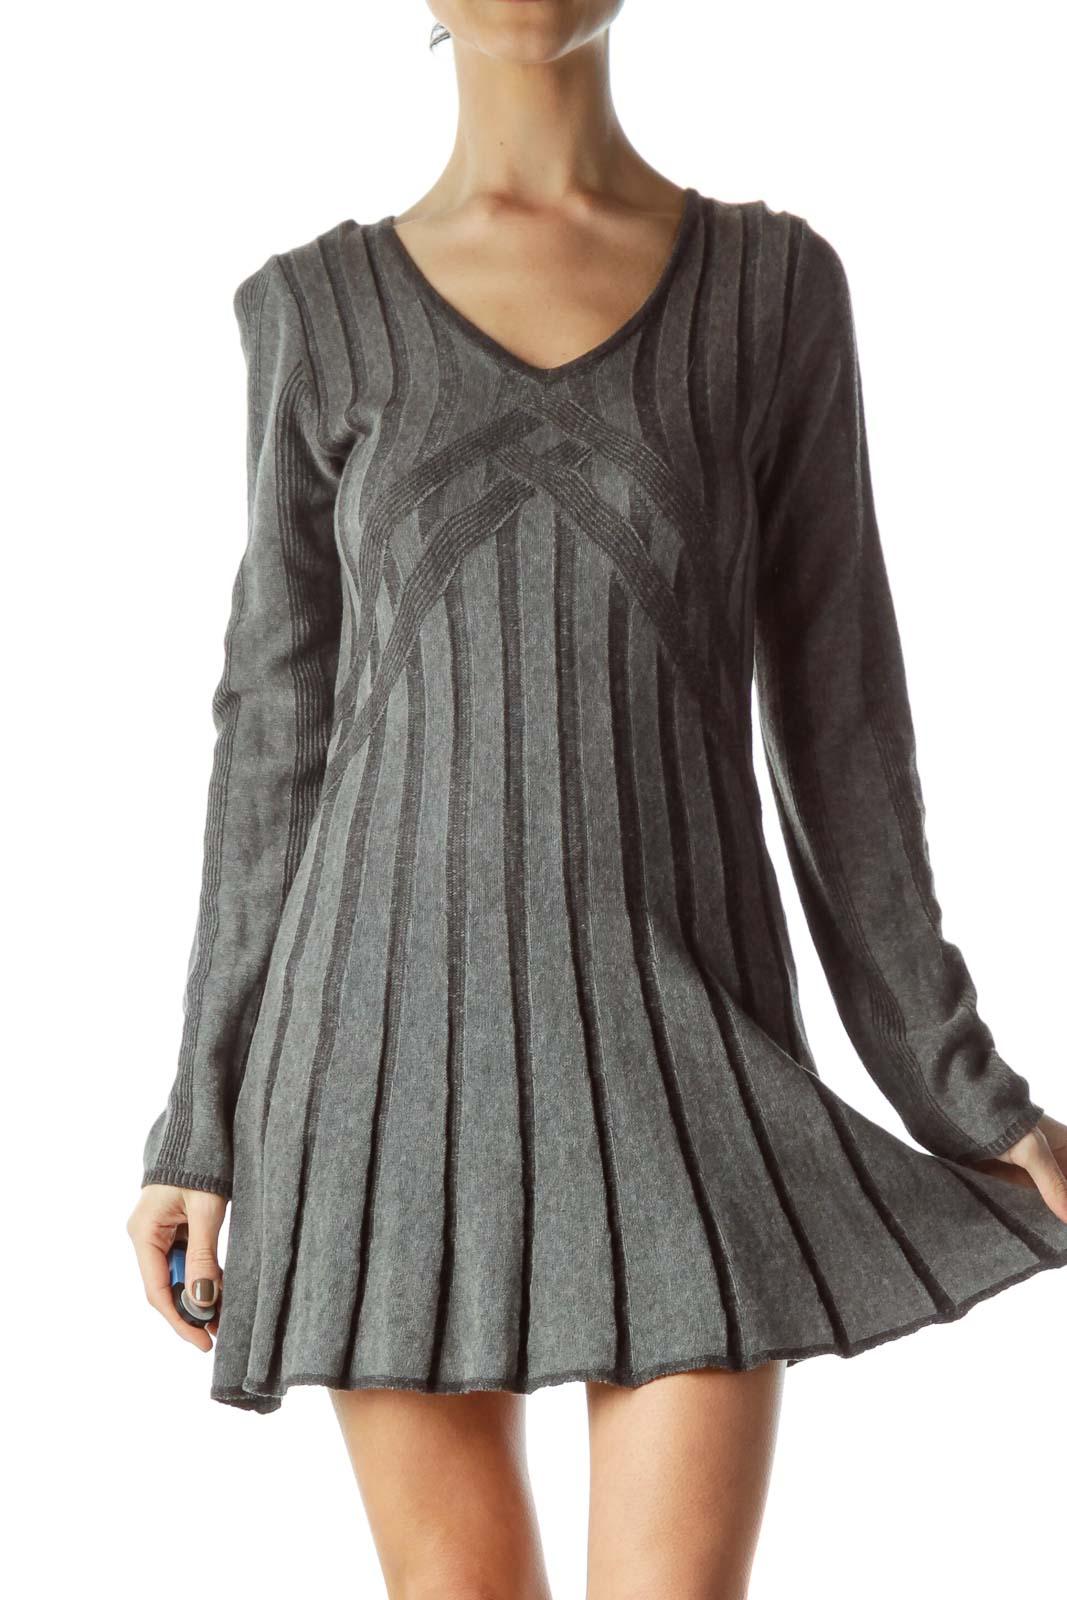 Gray Long Sleeve V-Neck Knit Dress Front